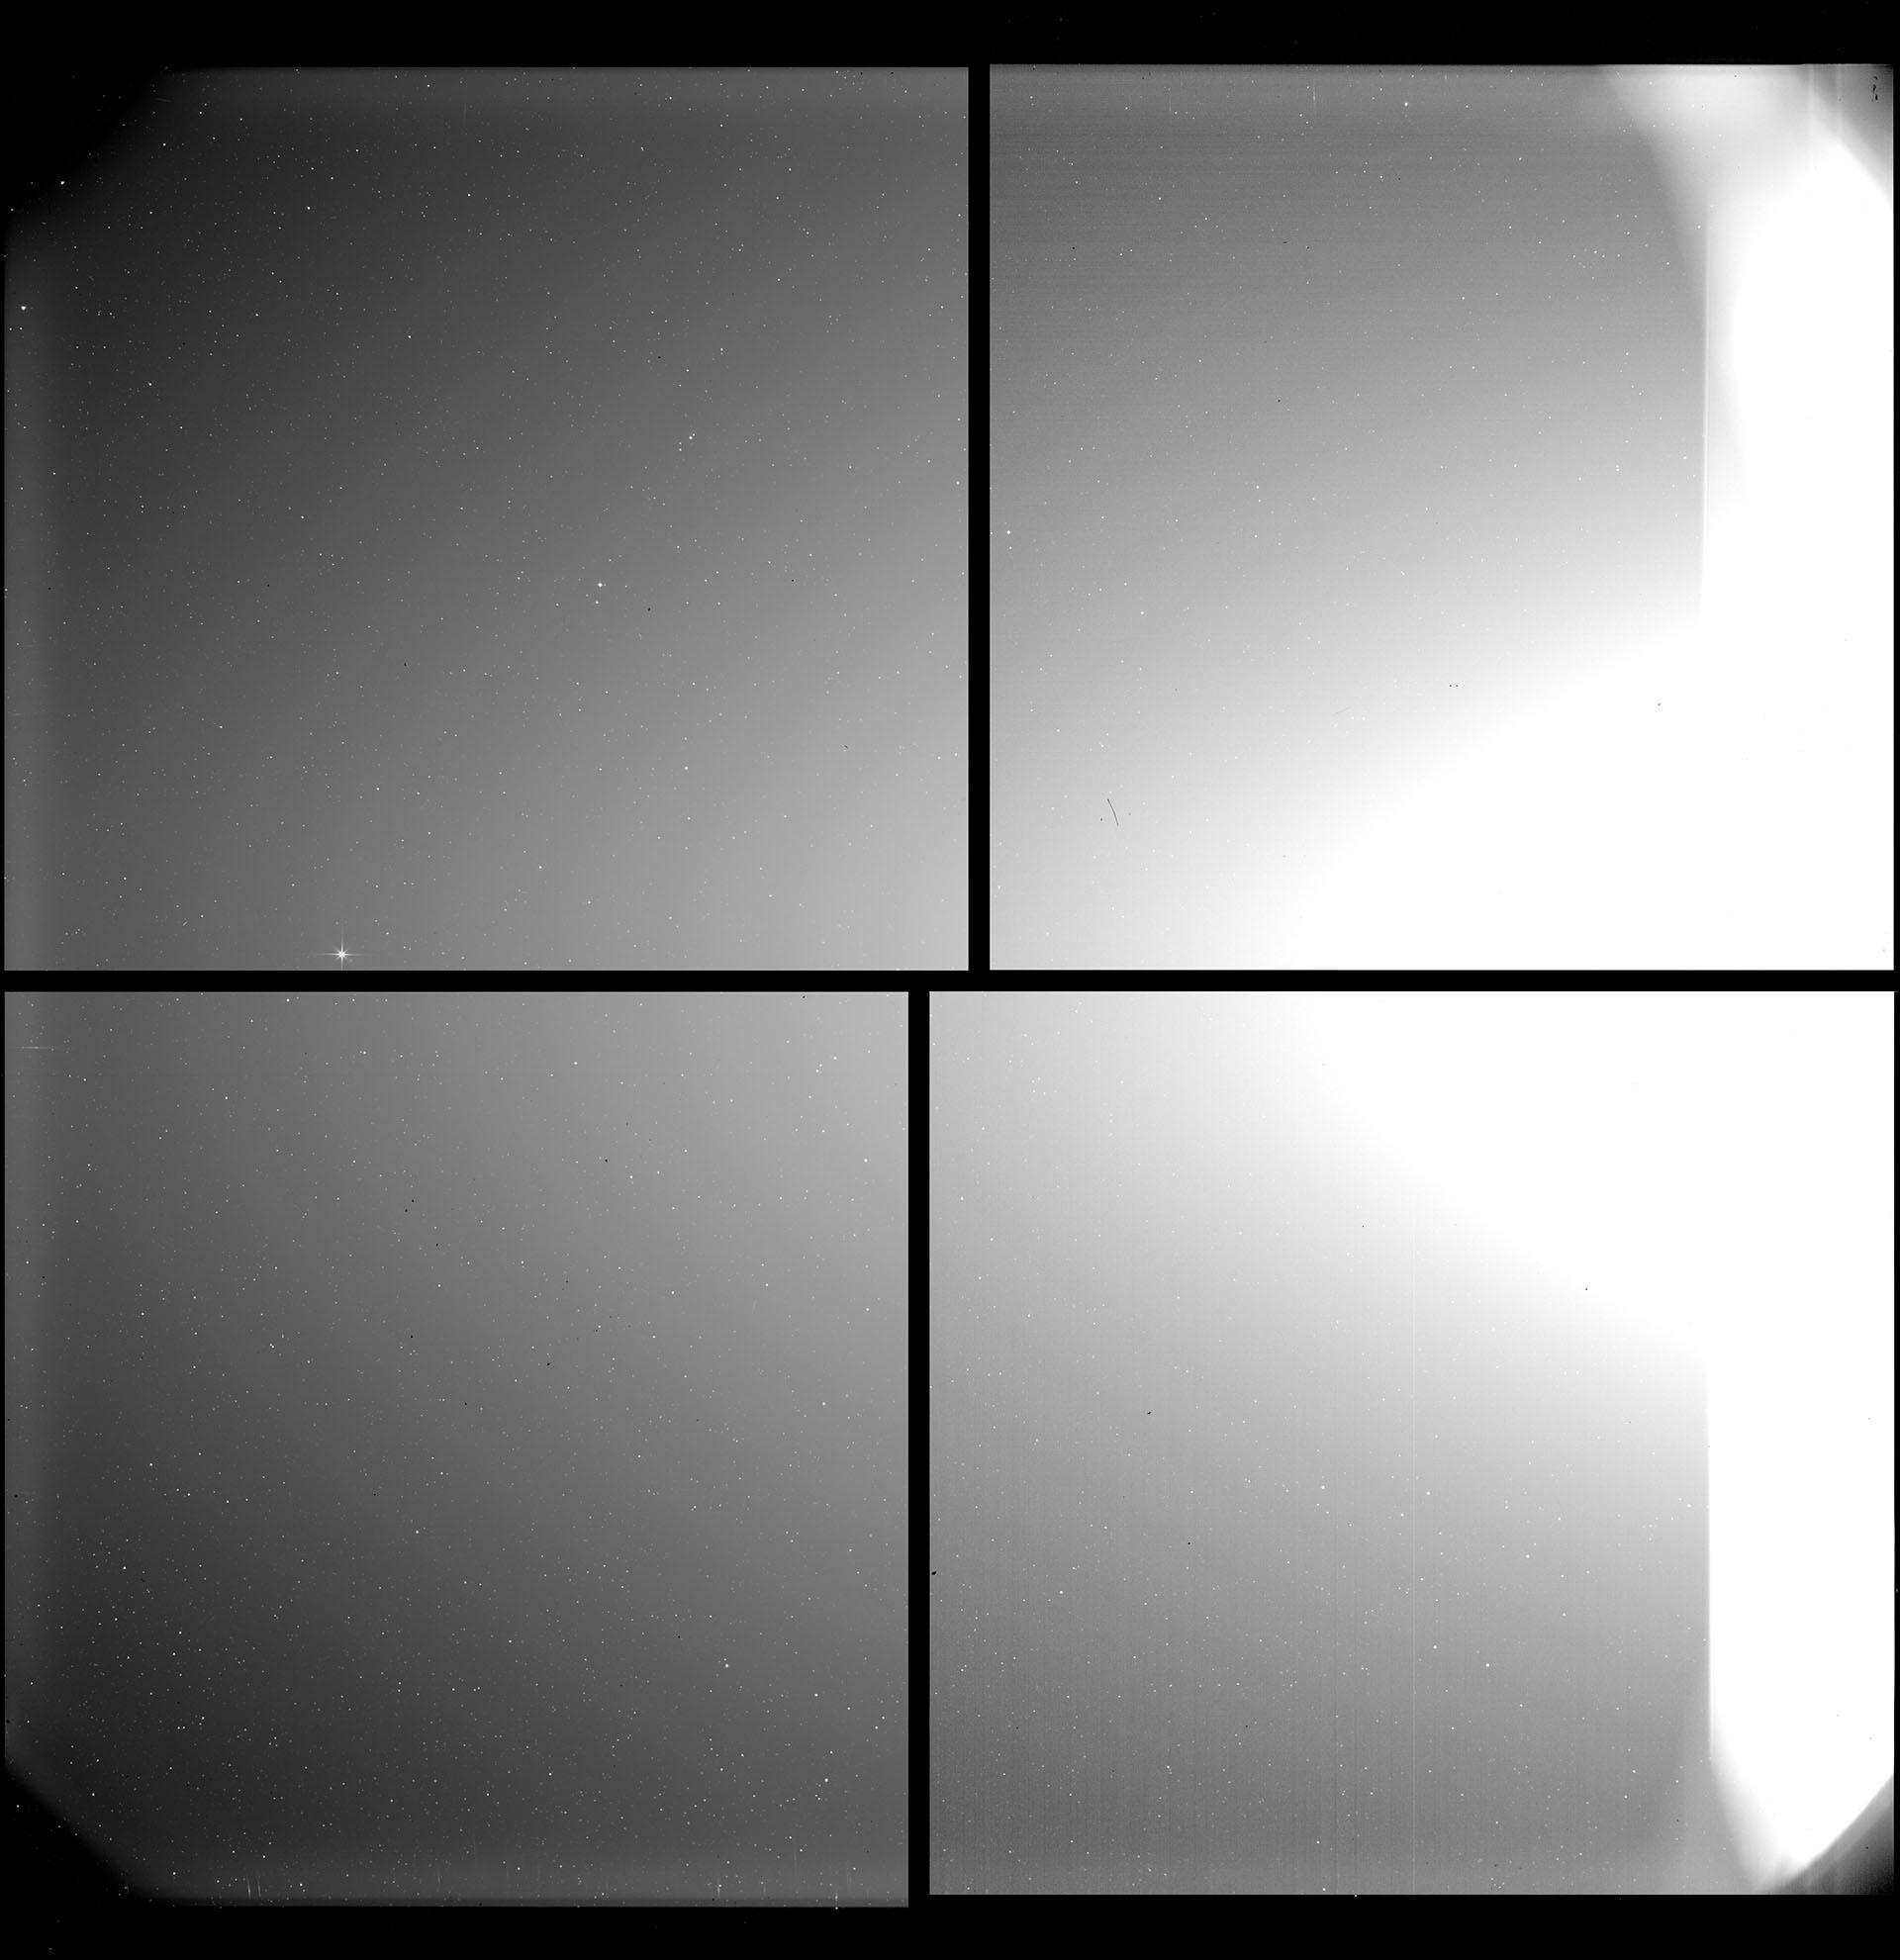 Un mosaico de cuatro imágenes separadas de cuatro detectores distintos, obtenidas por el telescopio Heliospheric Imager (SoloHI) en la nave espacial Solar Orbiter de la ESA. Entonces, el Solar Orbiter estaba a una distancia de 0,5 unidades astronómicas (UA; una UA equivale a la distancia promedio de la Tierra al Sol, unos 150 millones de kilómetros) del Sol (EFE/EPA/SOLAR ORBITER/ EQUIPOOLOHI/ ESA & NASA US LABORATORIO DE INVESTIGACIÓN NAVAL)